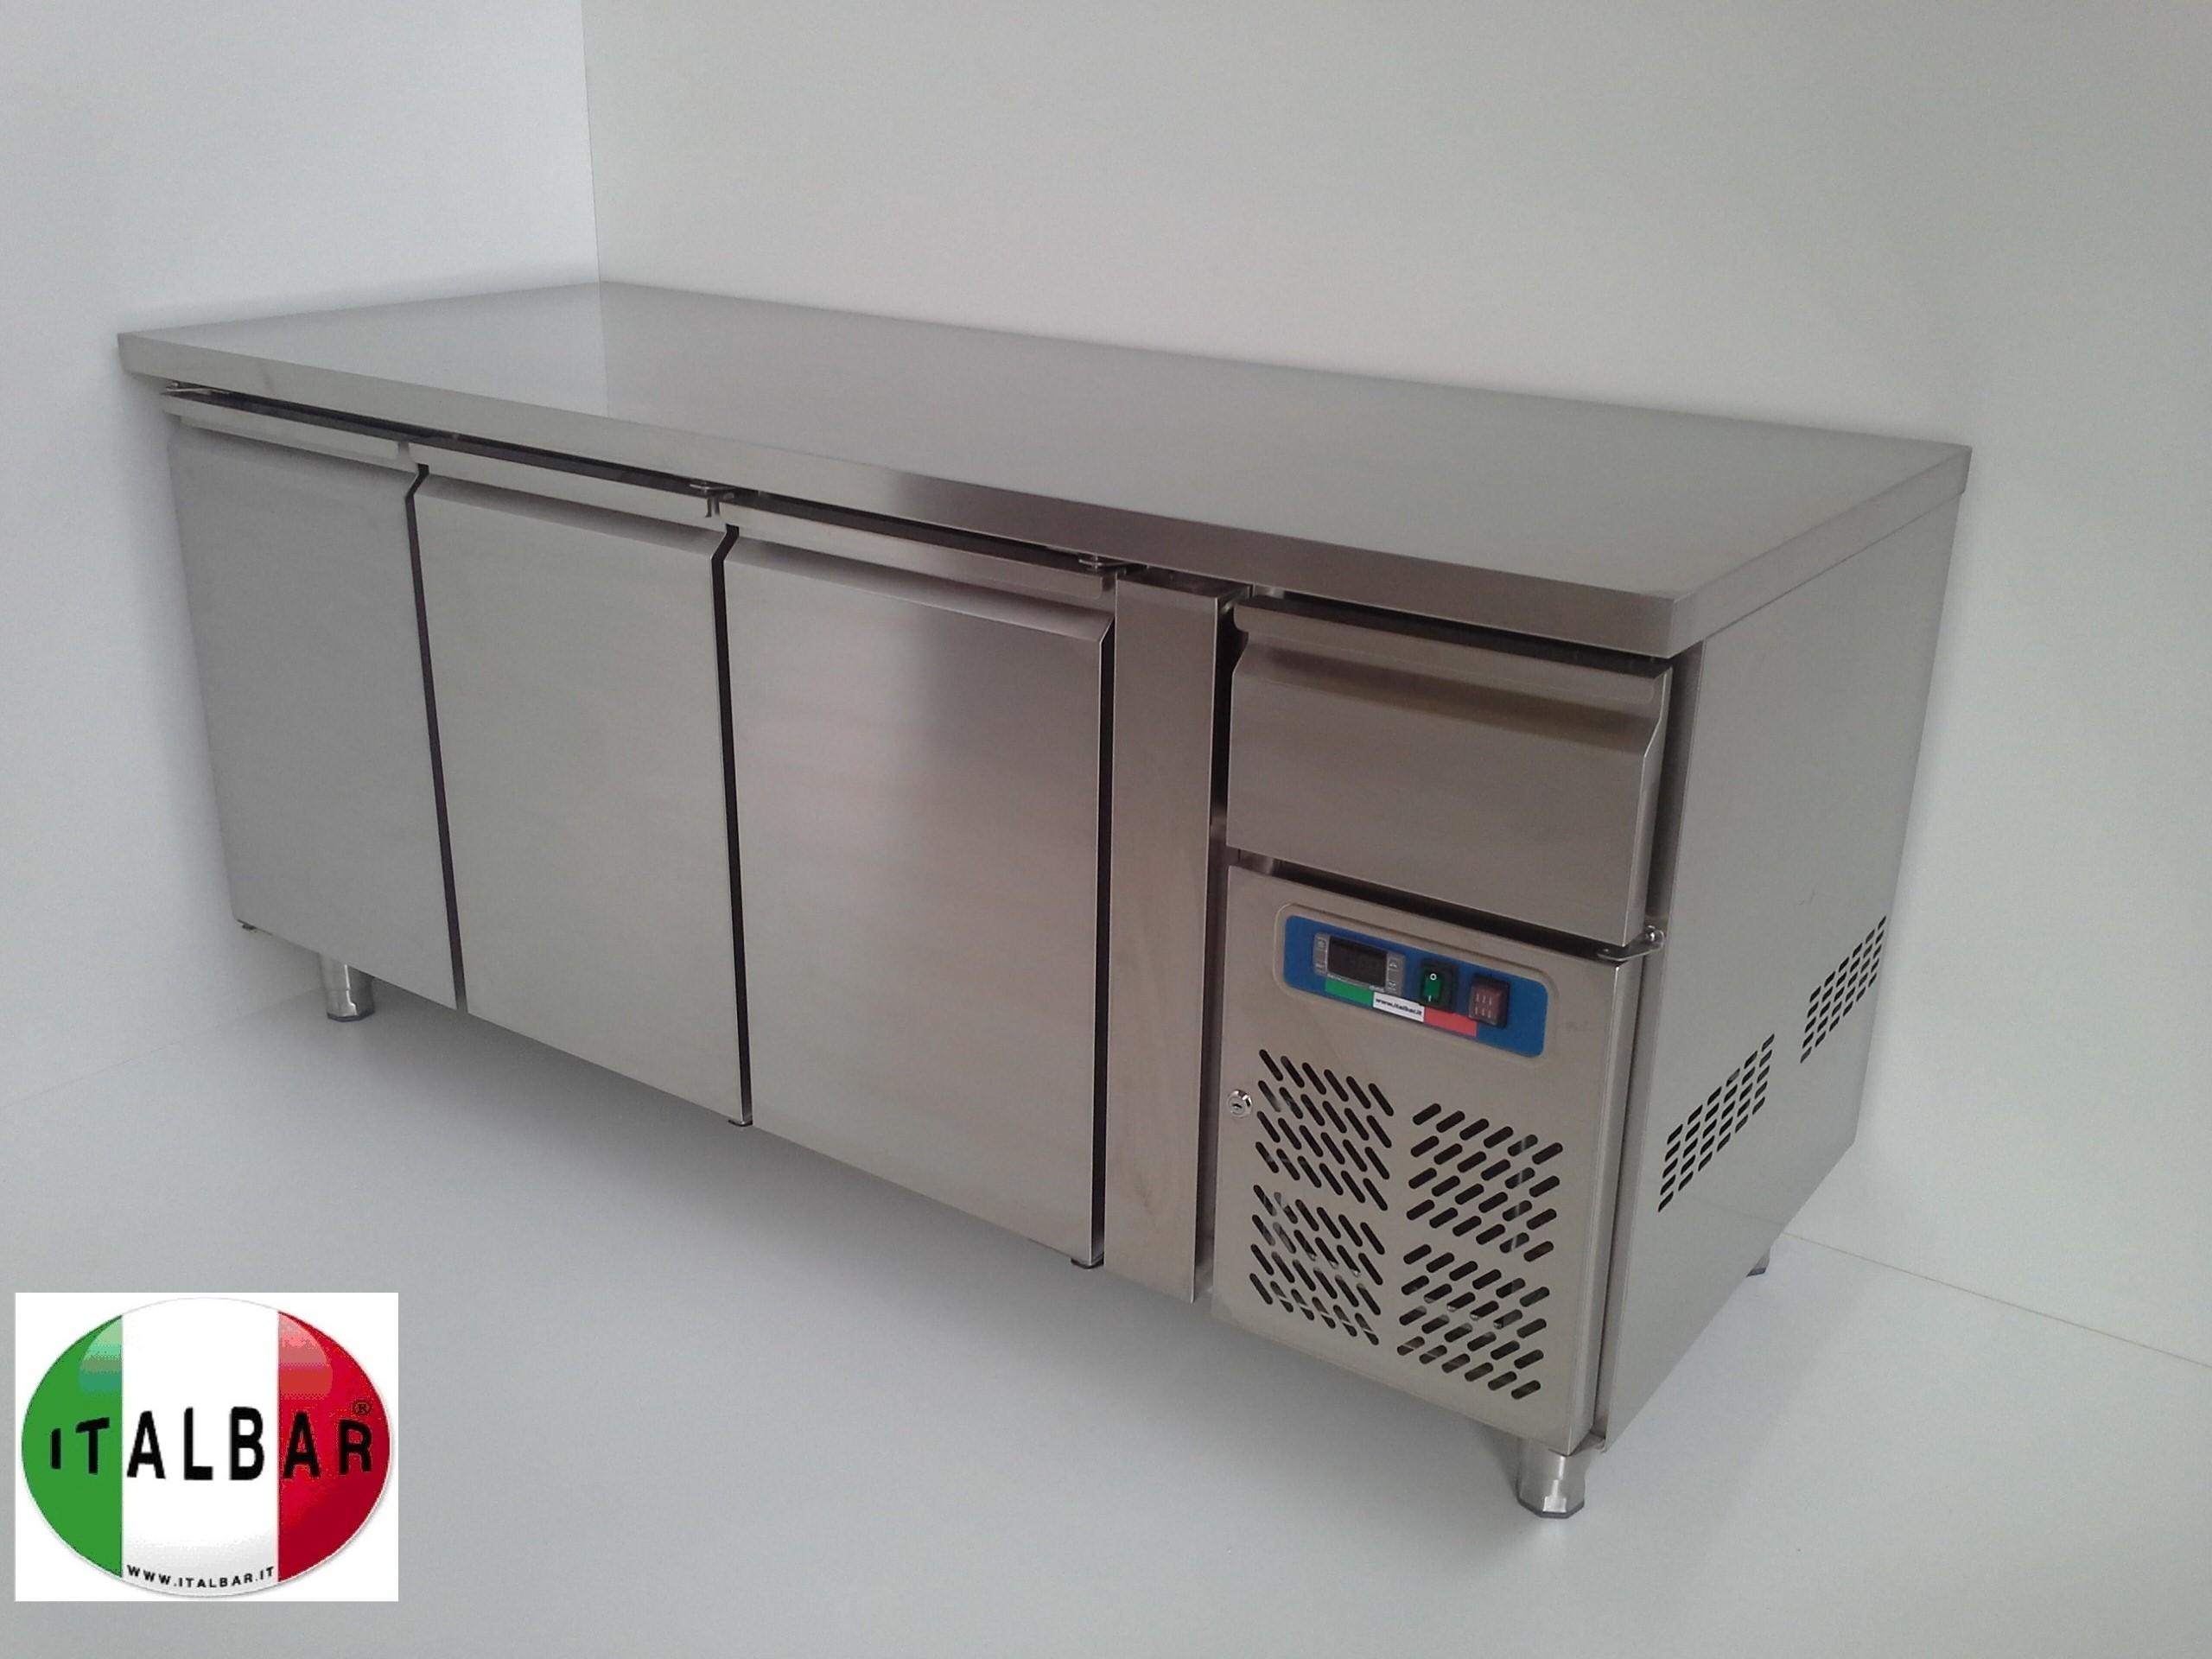 Banchi Bar Primi Produttori Di Banchi Refrigerati Produttori Di